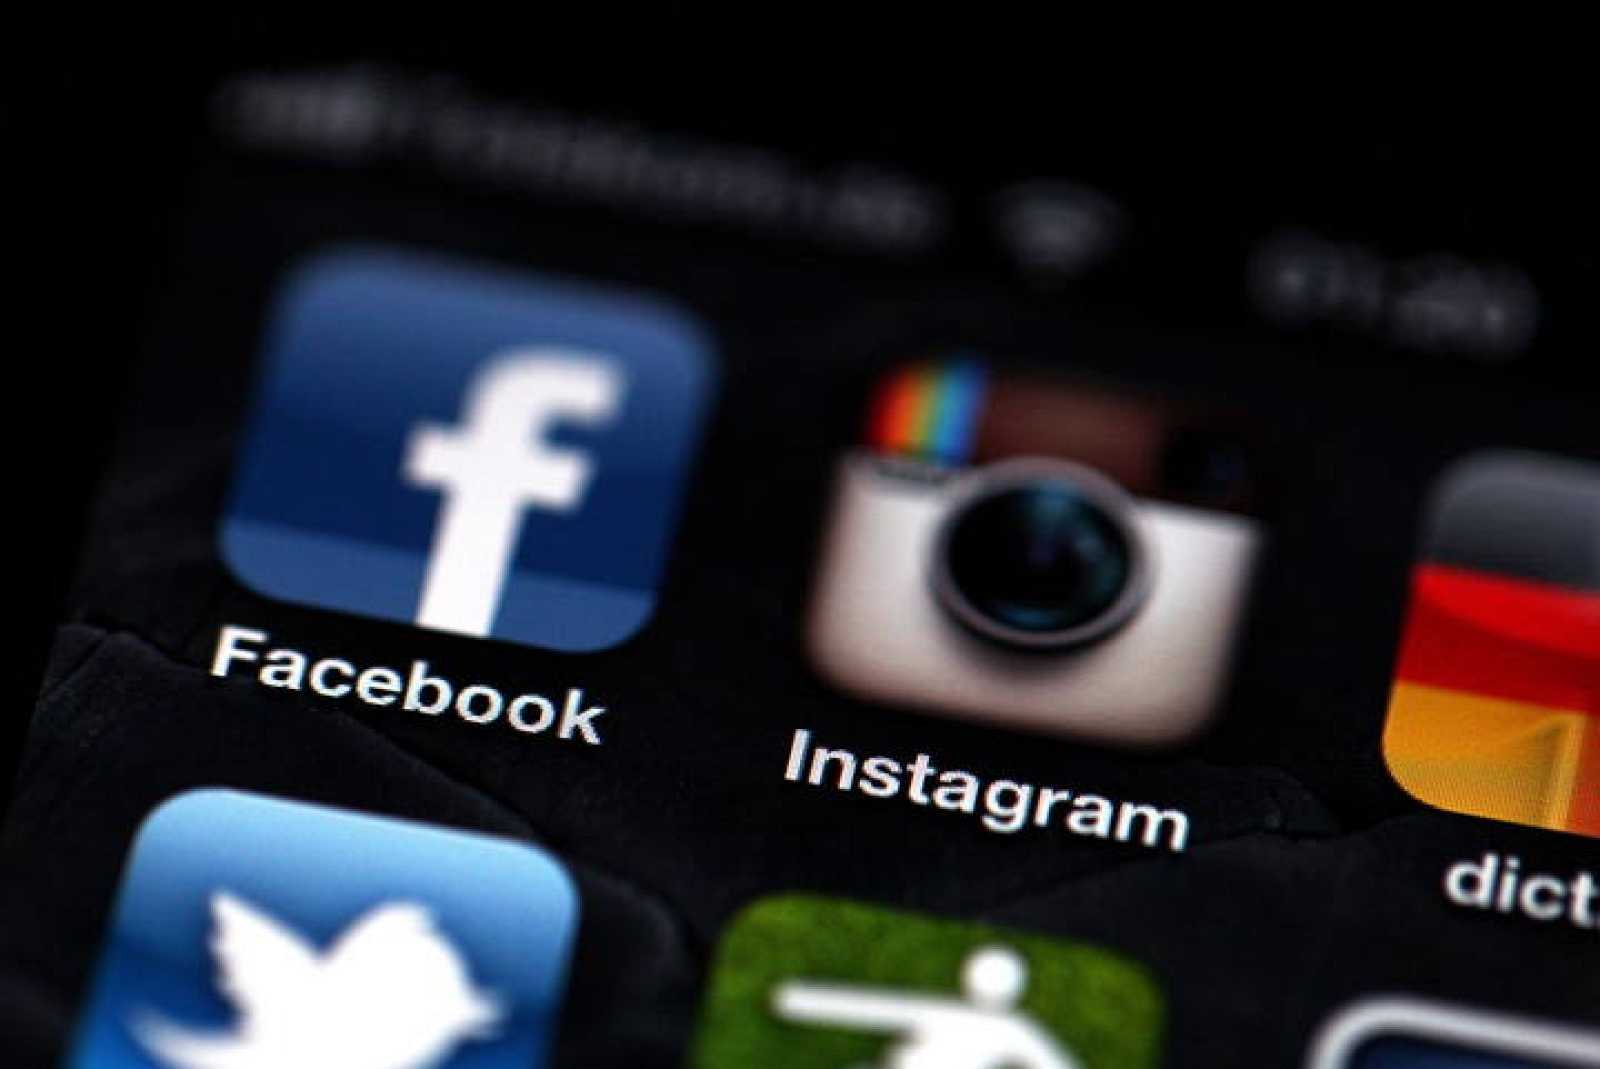 La red social Facebook anunció este lunes la compra de la aplicación fotográfica para dispositivos móviles Instagram en una operación valorada en 1.000 millones de dólares